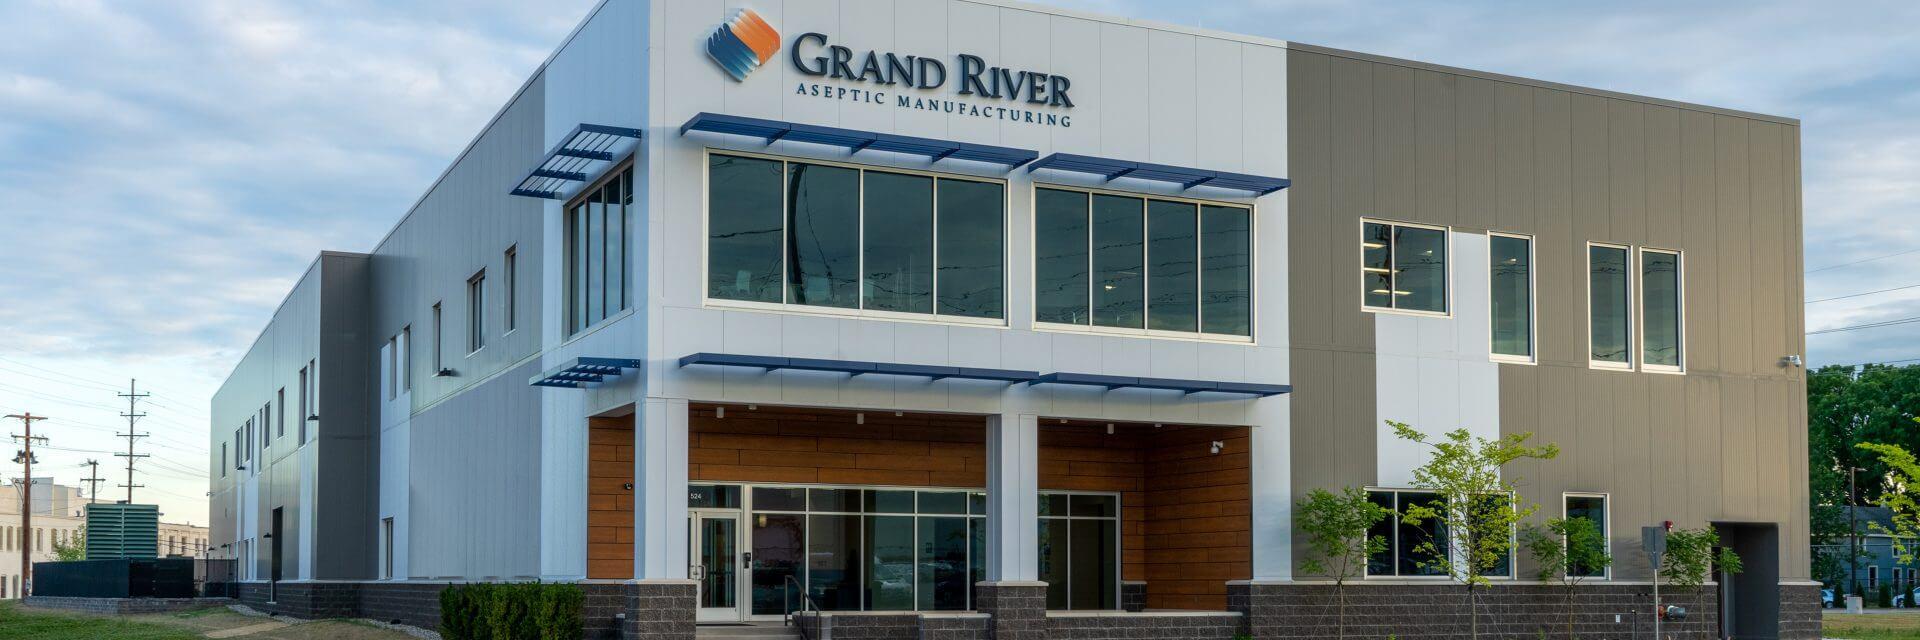 GRAM building exterior